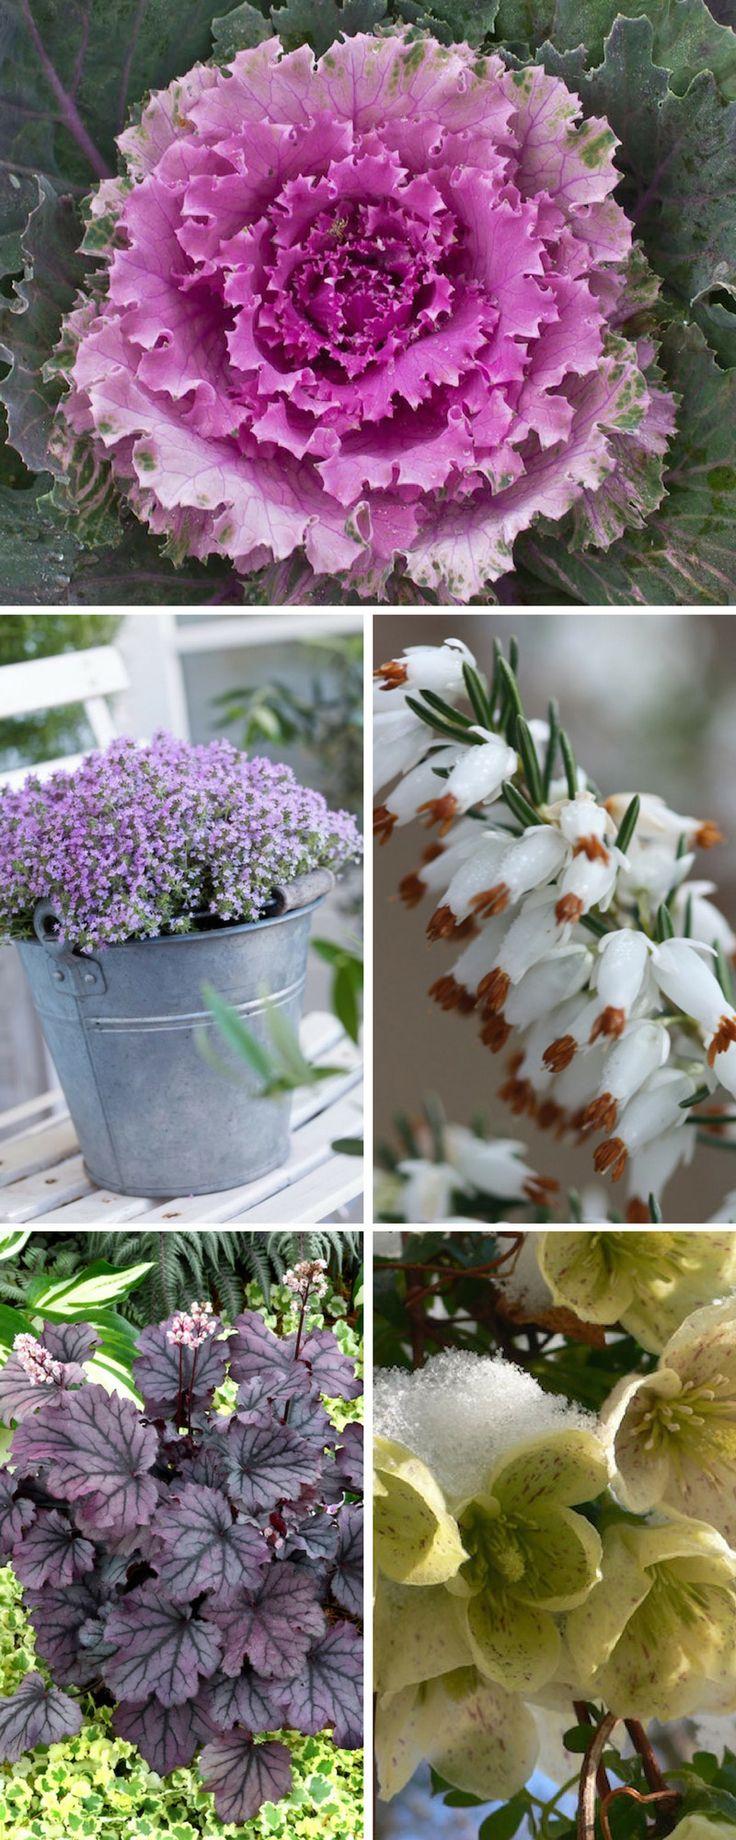 die 5151 besten bilder zu winter plants auf pinterest | sträucher, Gartengerate ideen